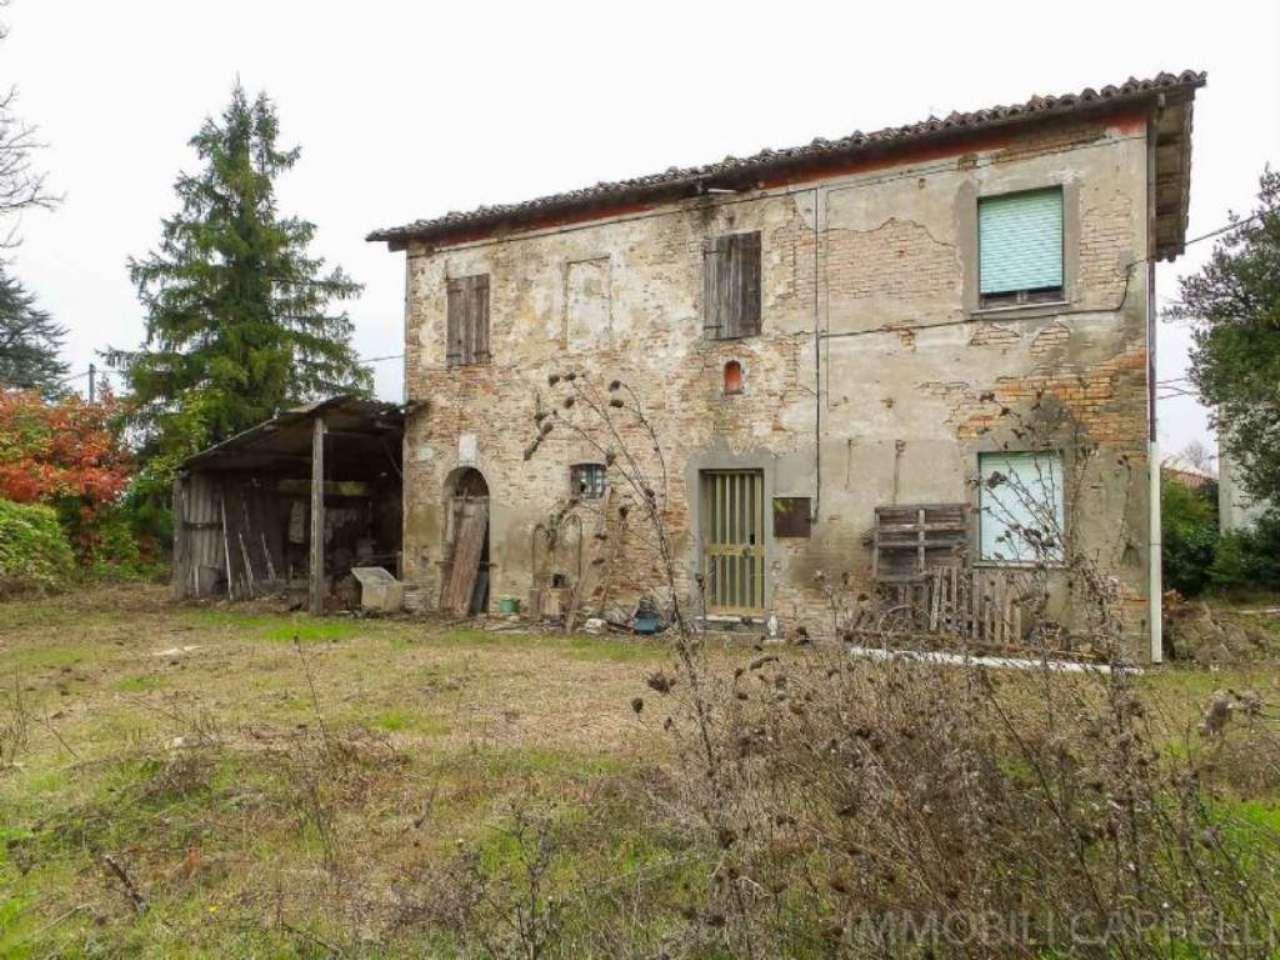 Rustico / Casale in vendita a Cesena, 7 locali, prezzo € 168.000 | CambioCasa.it